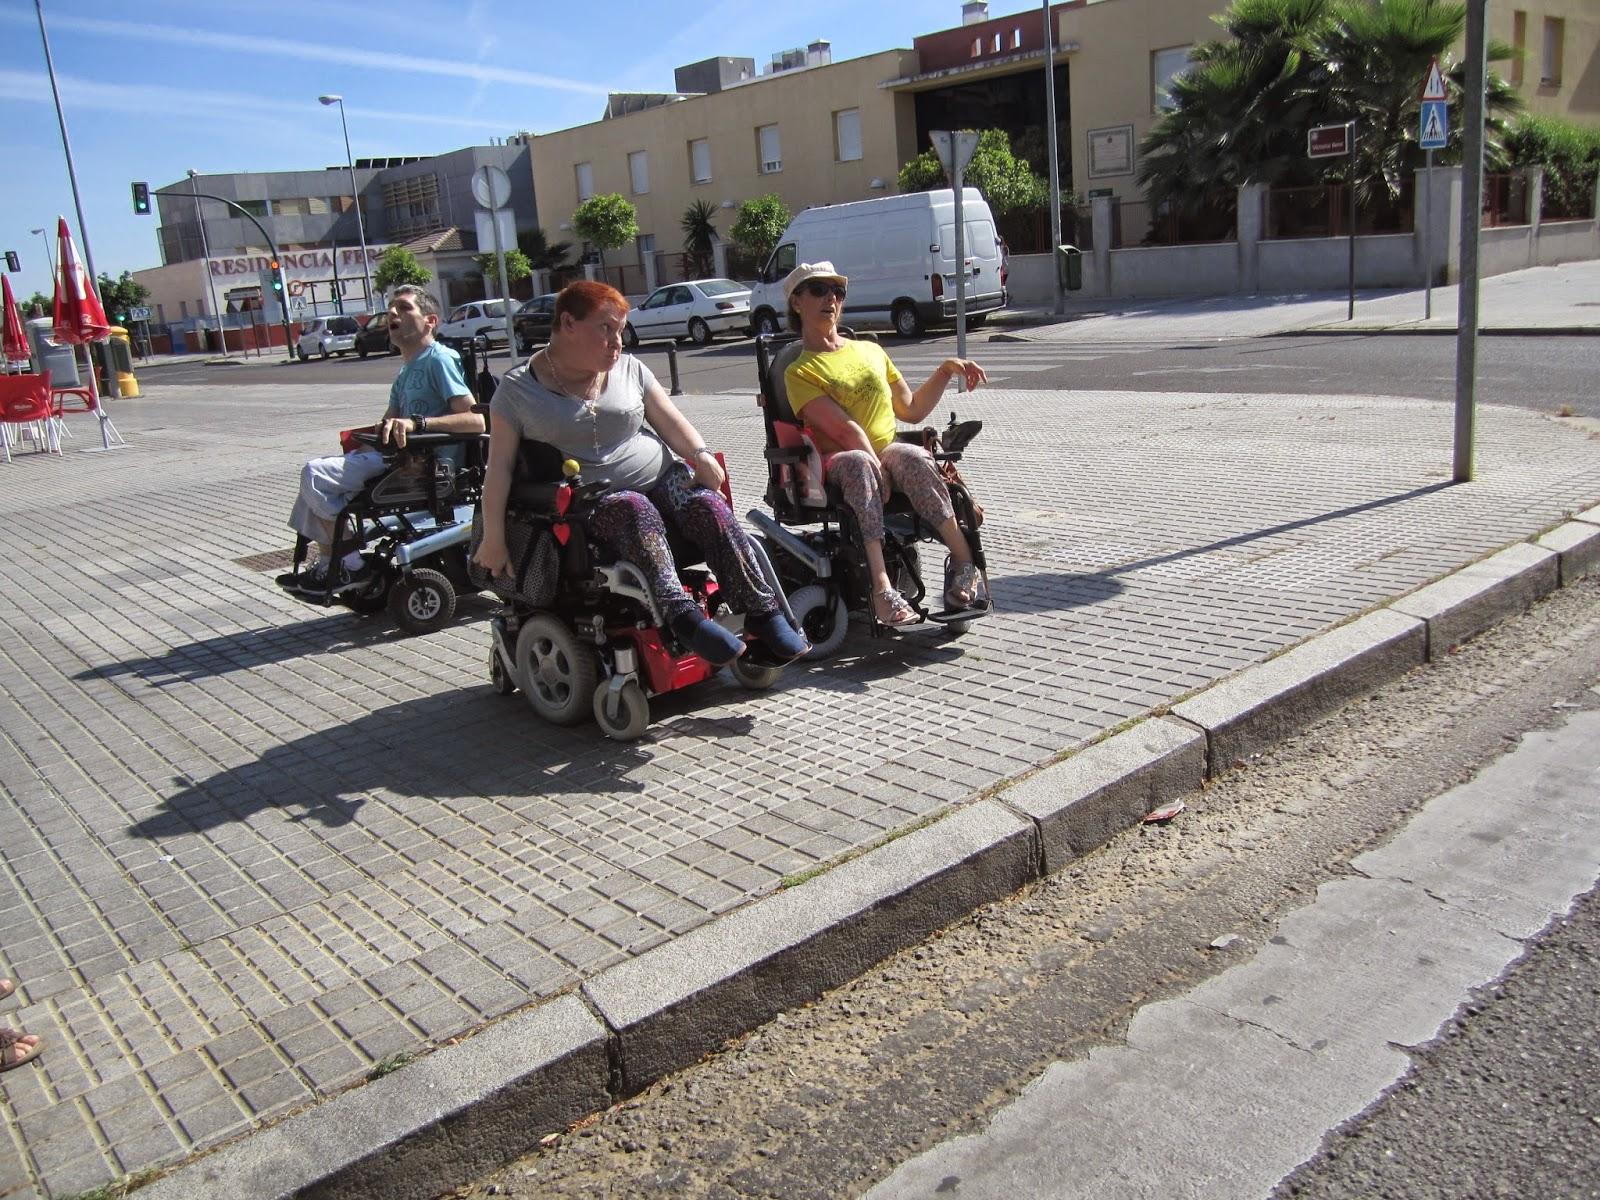 El paso de peatones sin vado rebajado hace que el cruce por ese lugar sea imposible para las personas usuarias de silla de ruedas.